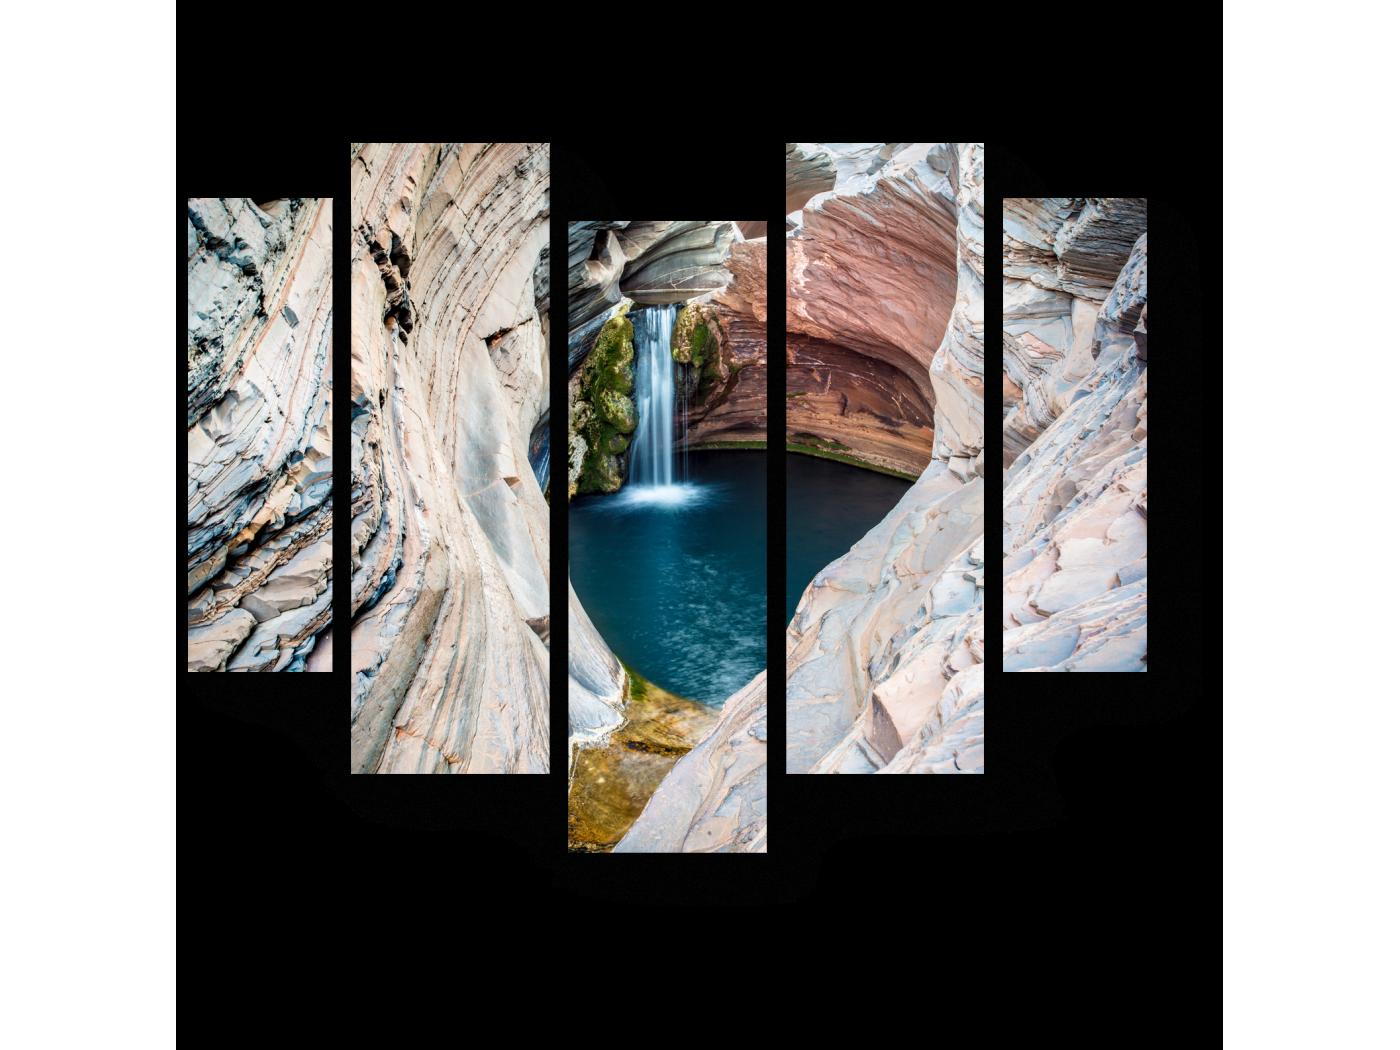 Модульная картина Национальный парк Кариджини (101x82) фото